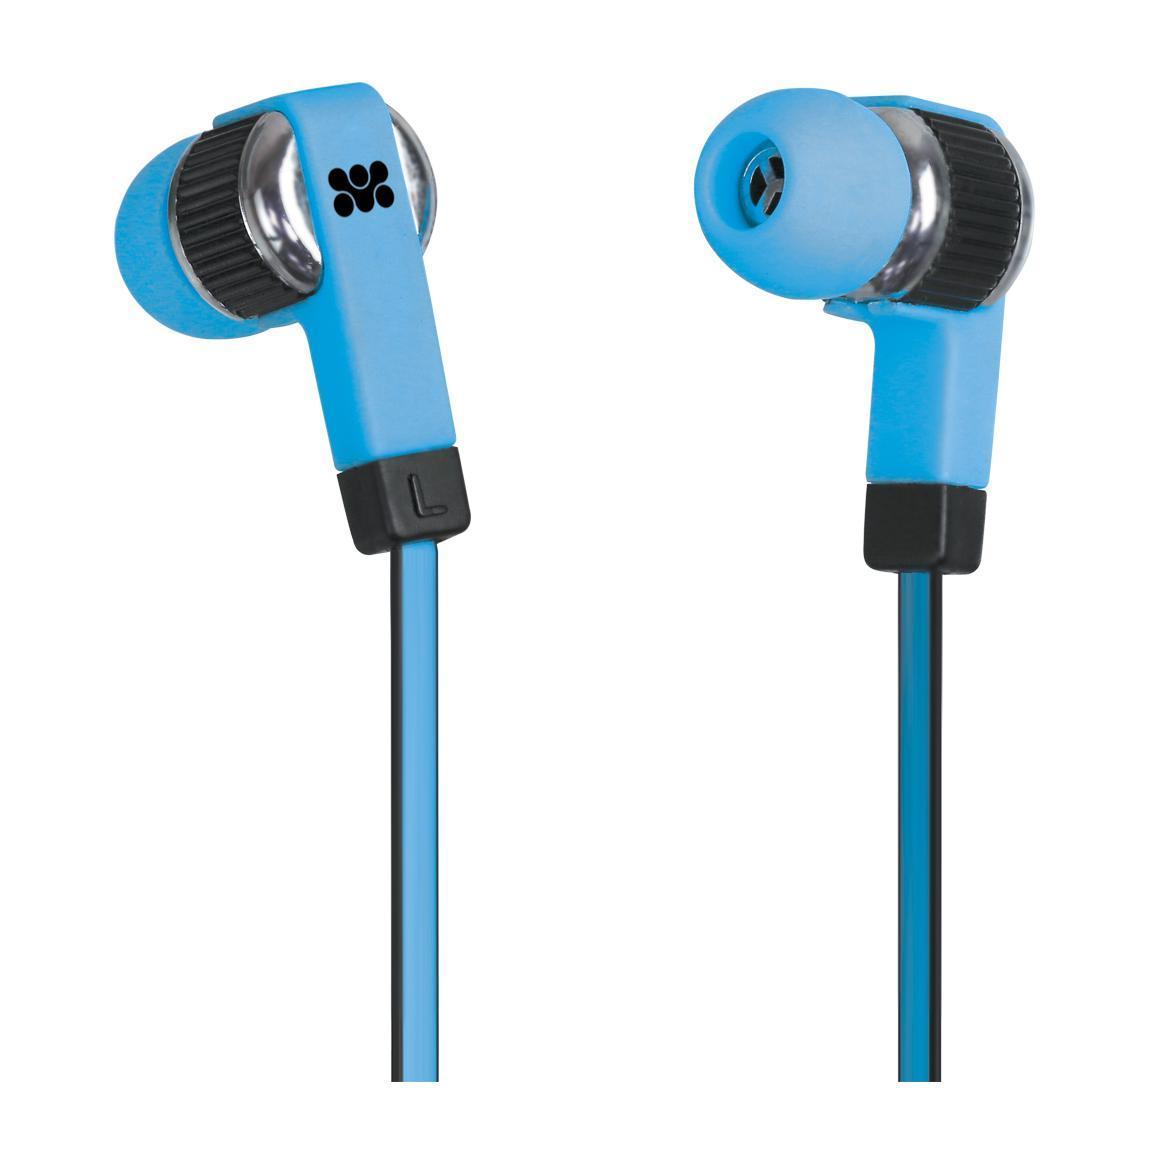 Promate Swish, Blue наушники00007453Стильная стереогарнитура, идеальны для активного образа жизни. Небольшой, но стильный динамик, идеальное шумоподавление, четкий и чистый звук, встроенный микрофон - что еще нужно, чтобы наслаждаться музыкой и не упускать из внимания Ваш смартфон? Универсальны и совместимы с любыми аудиоустройствами, смартфонами или планшетами. Модель отличает стильным минимализм.